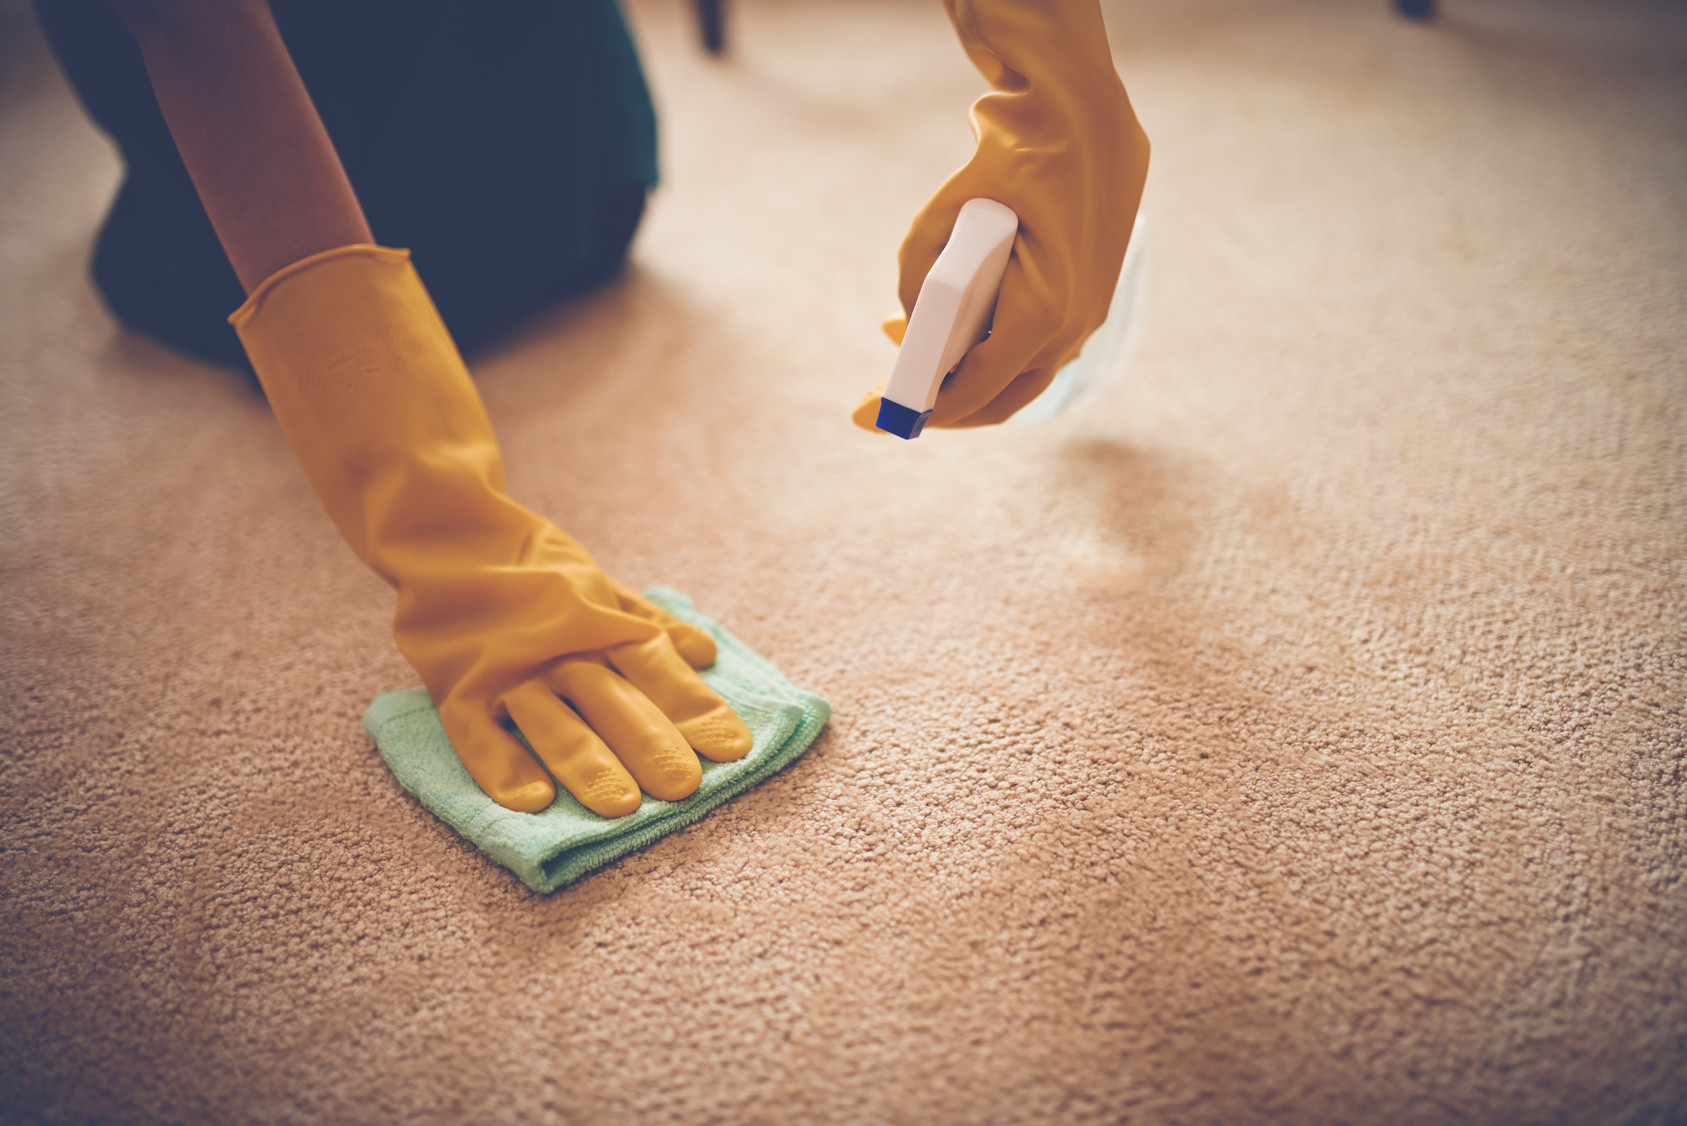 Teppich Reinigen  Teppich reinigen 12 Tipps Haushaltstipps